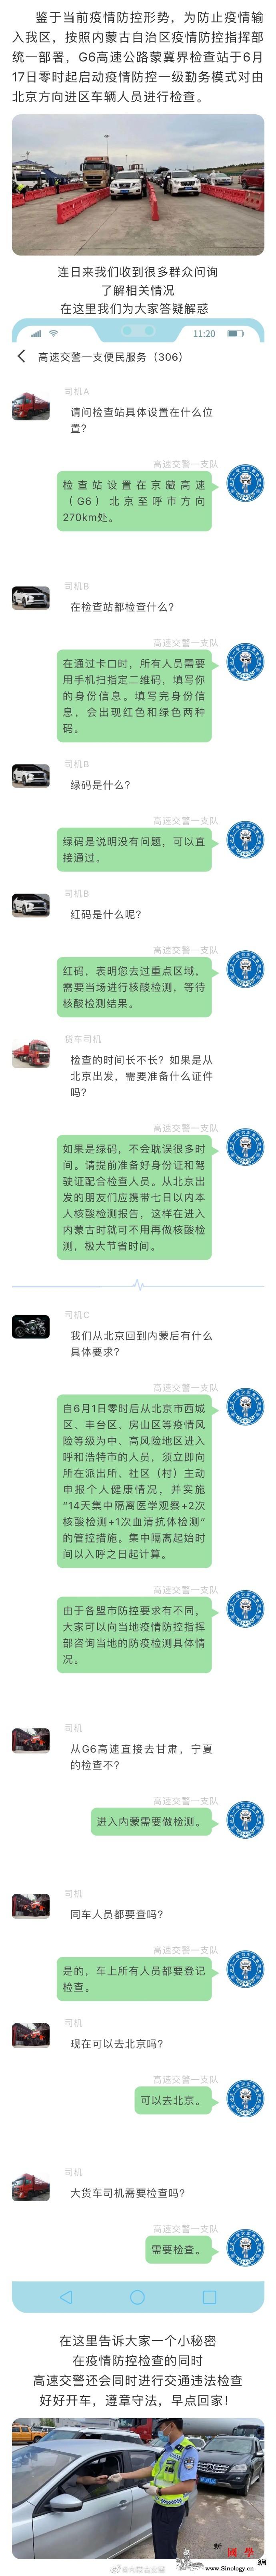 内蒙古:G6高速蒙冀界检查站对由北京_检查站-疫情-防控-